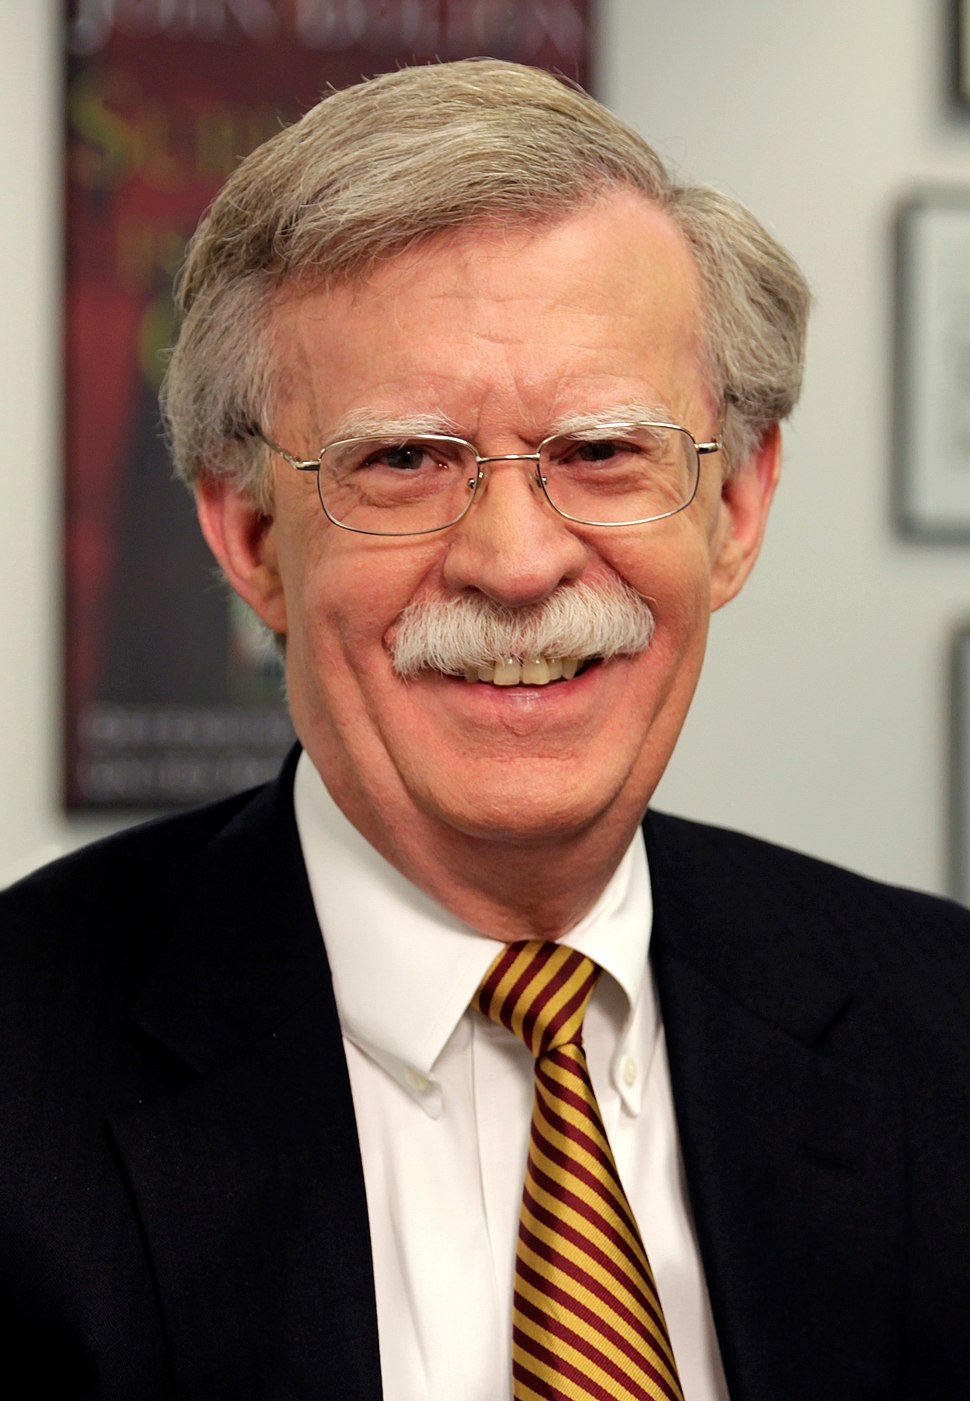 John R. Bolton official photo